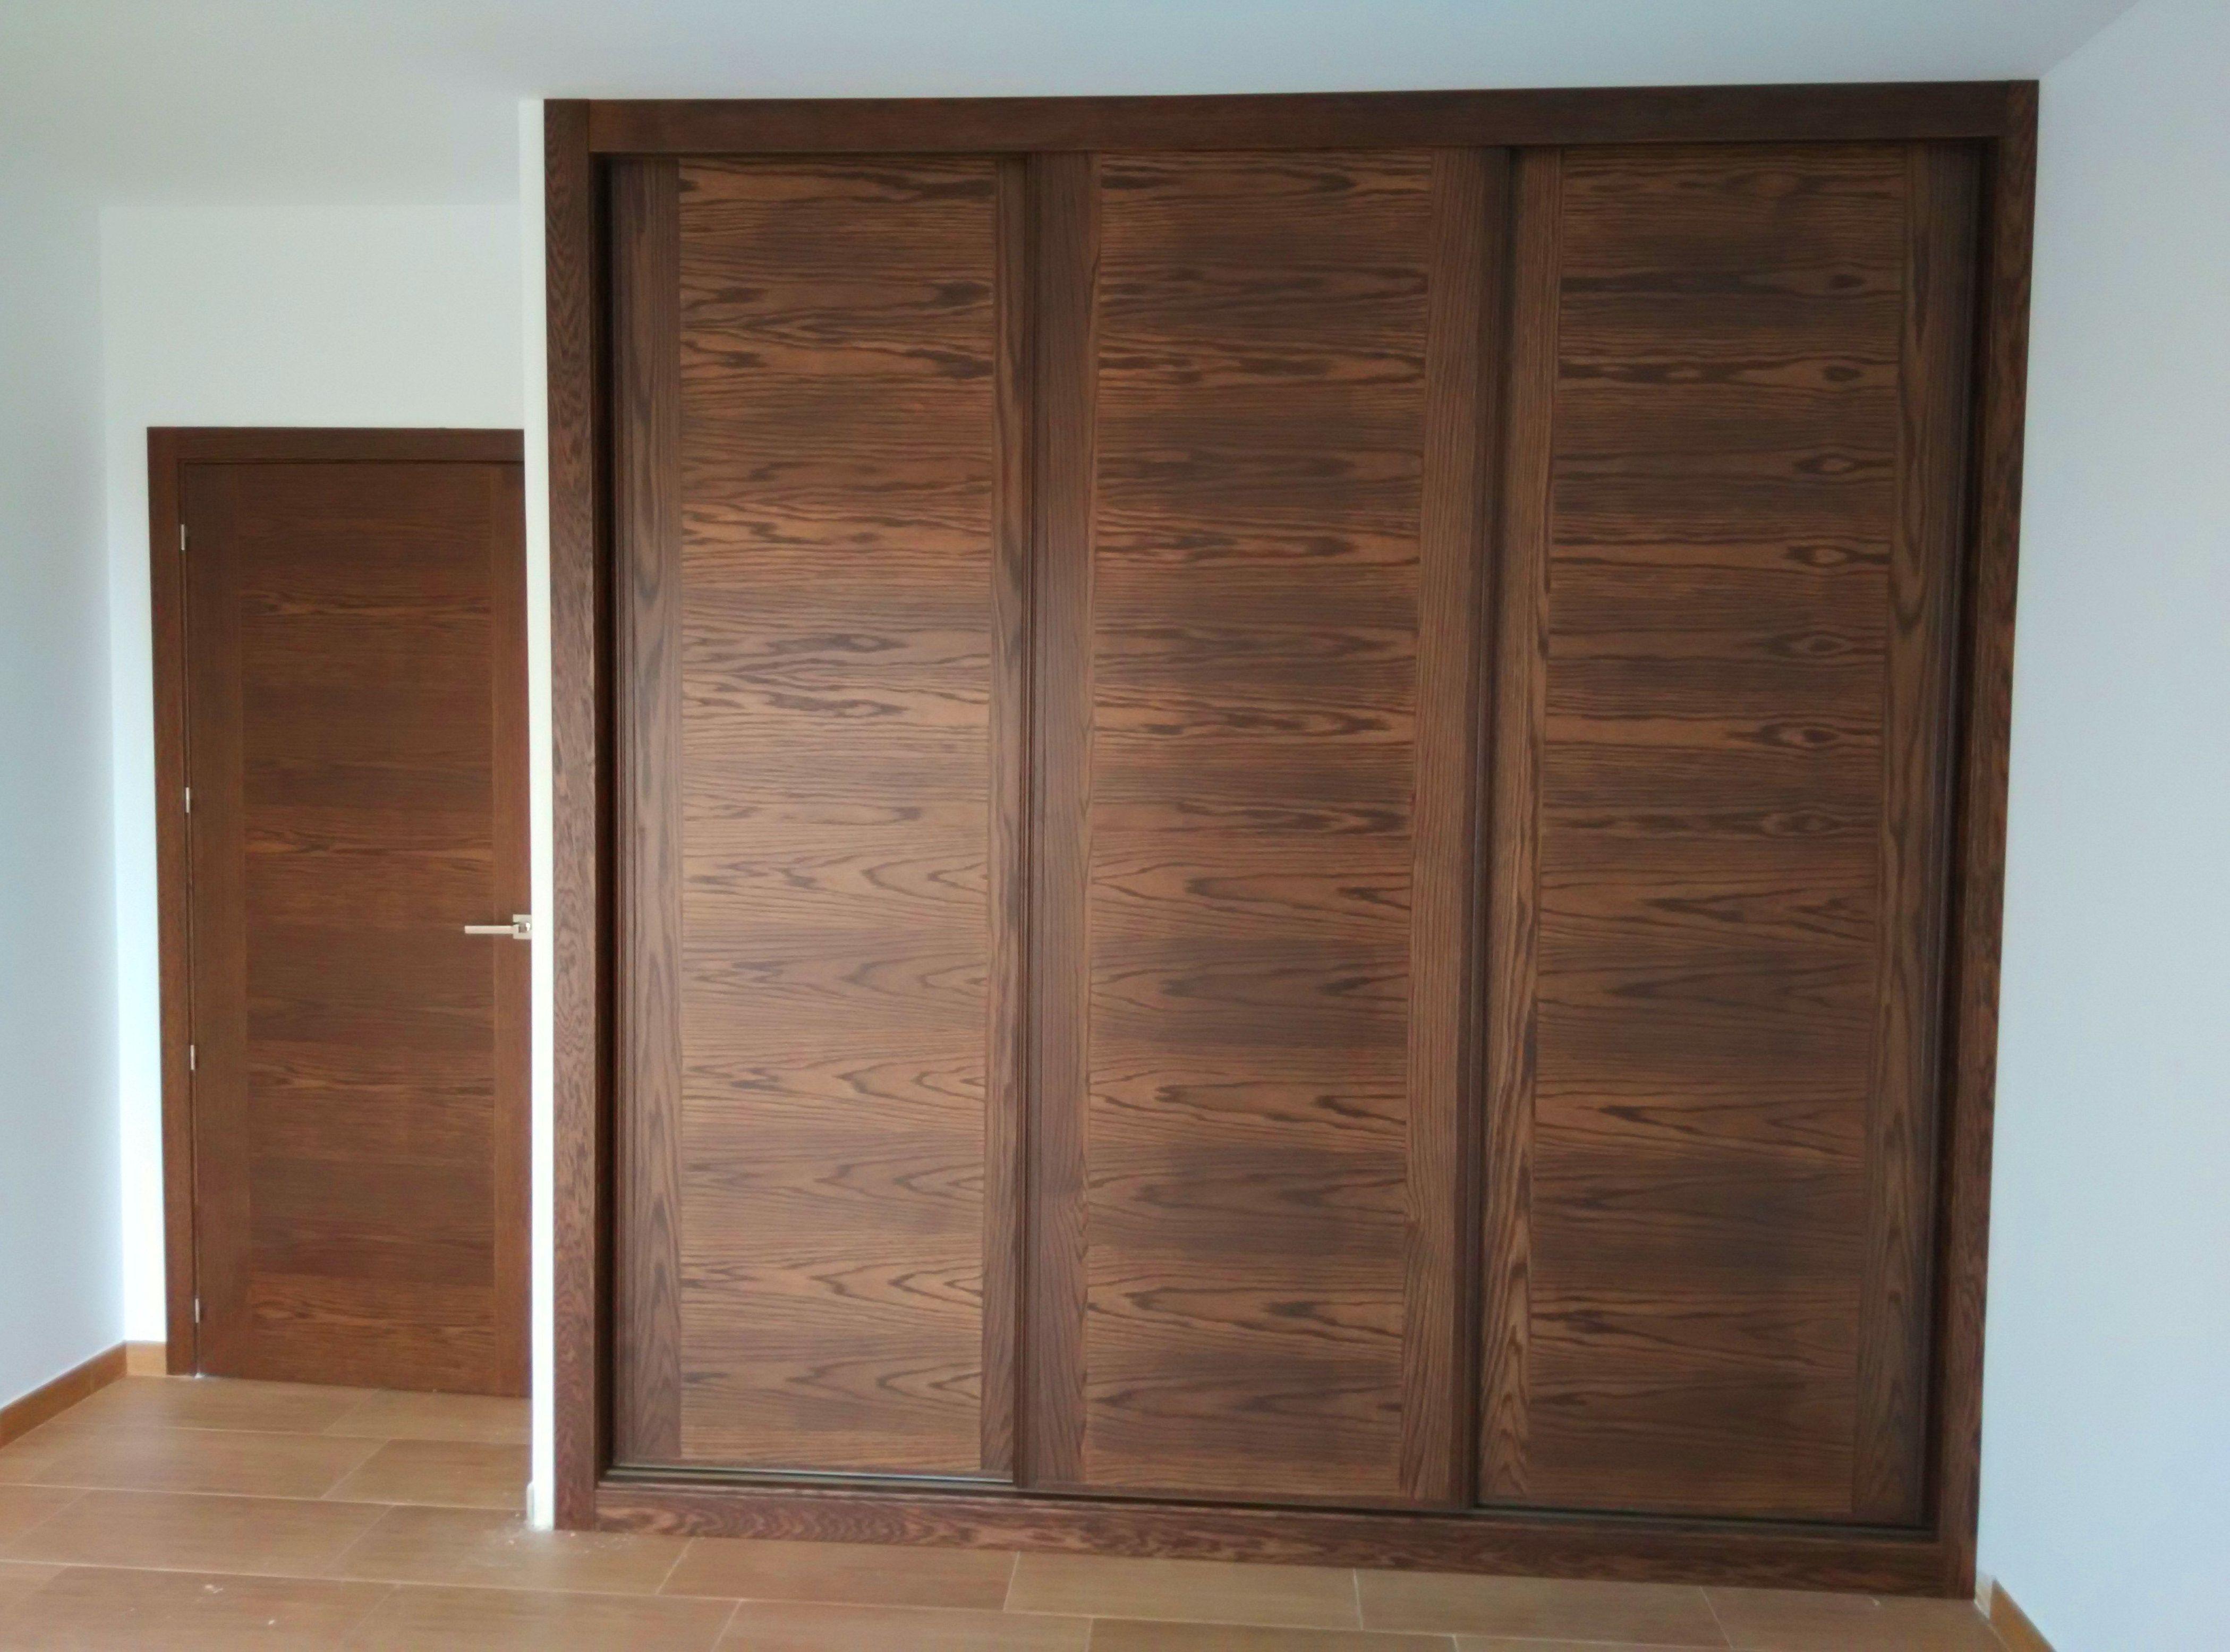 Armario a medida de puertas correderas de roble teñido en nogal.